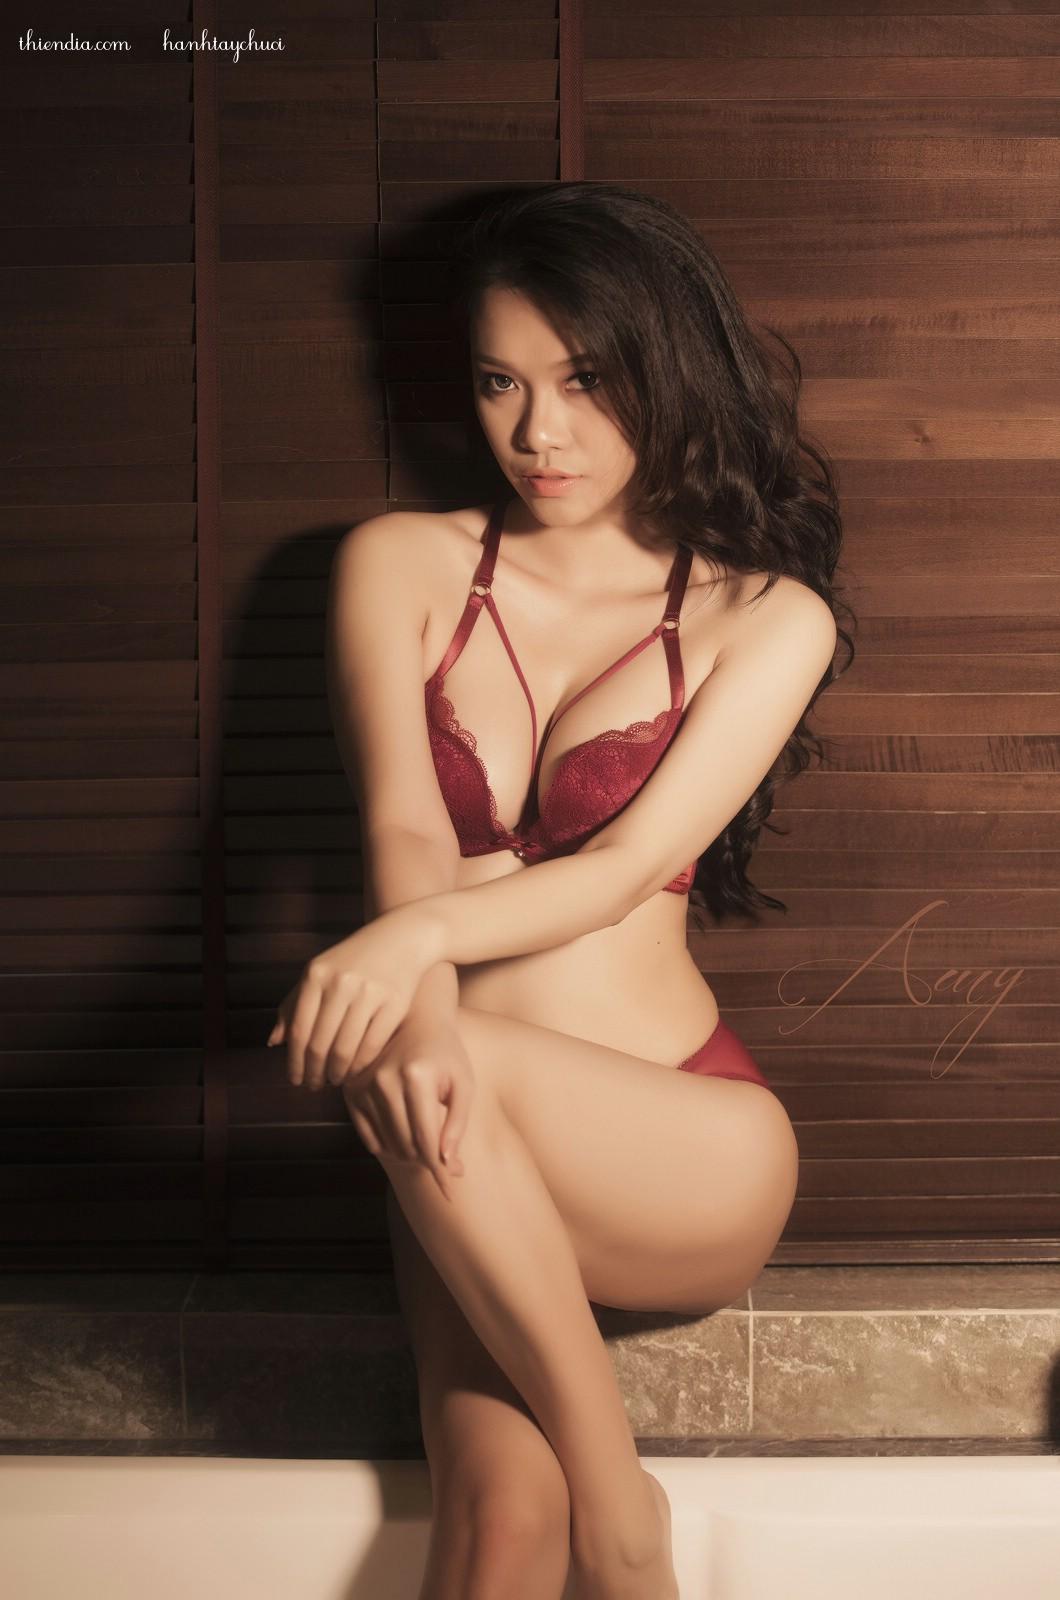 Amy Dương Sự trở lại ngọt ngào 8